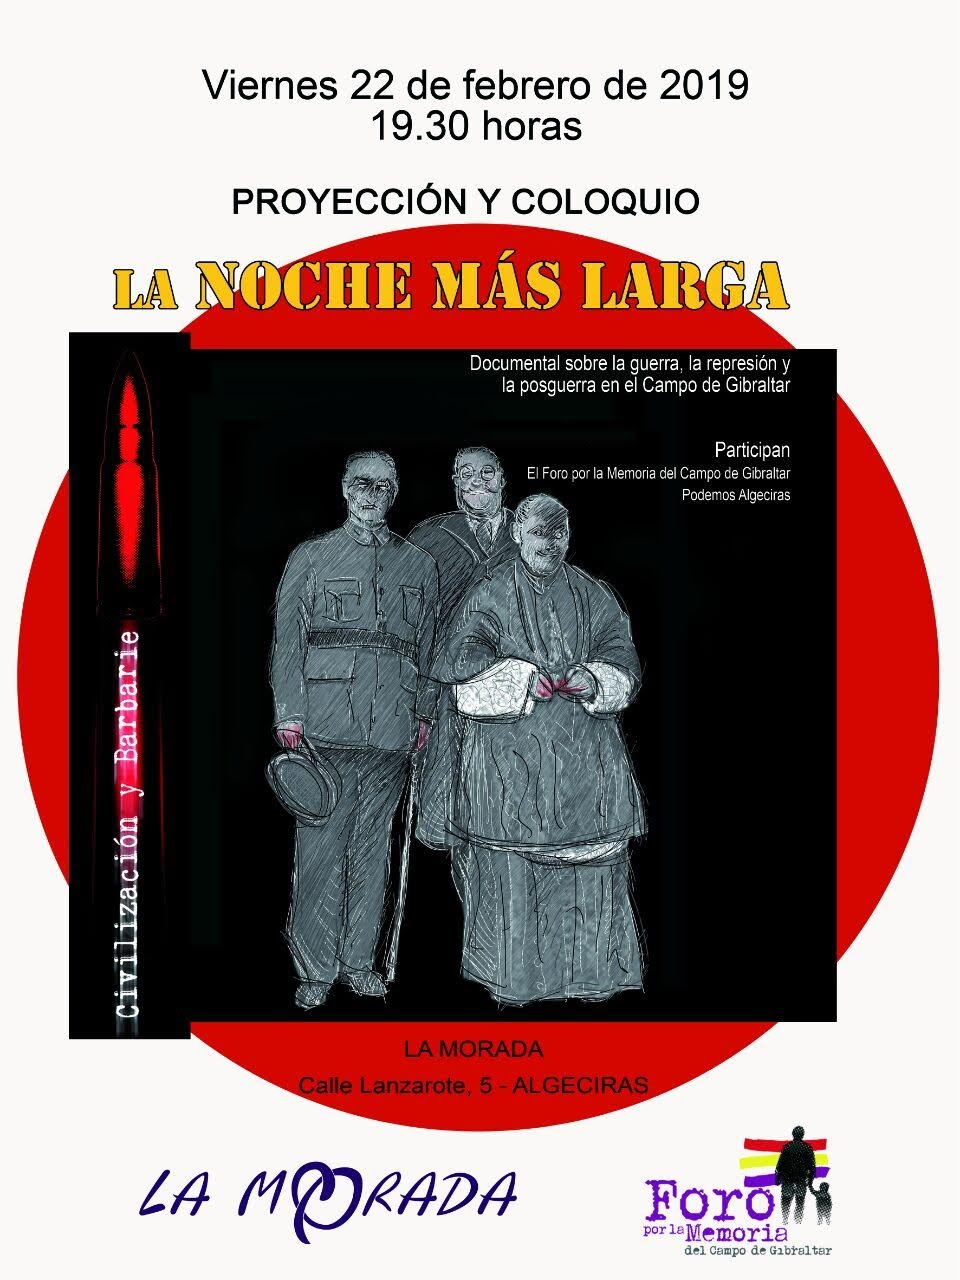 La Morada acoge a partir de este lunes una semana dedicados a la memoria histórica